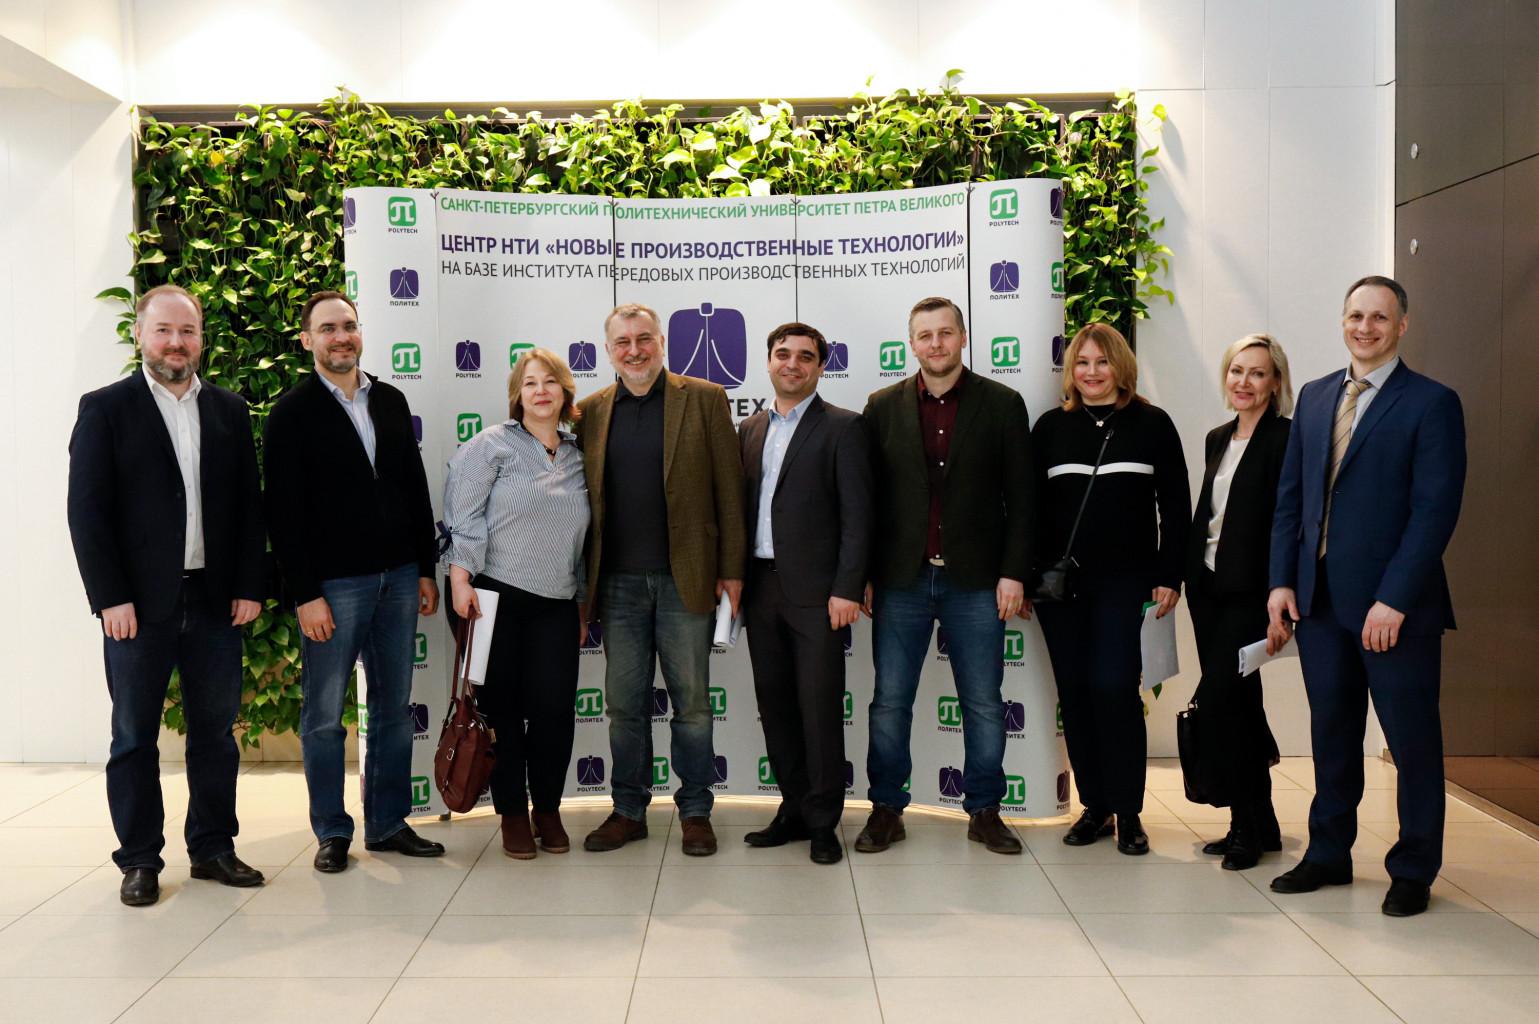 Делегация международной компании AGC Glass Europe с рабочим визитом посетила Центр НТИ СПбПУ